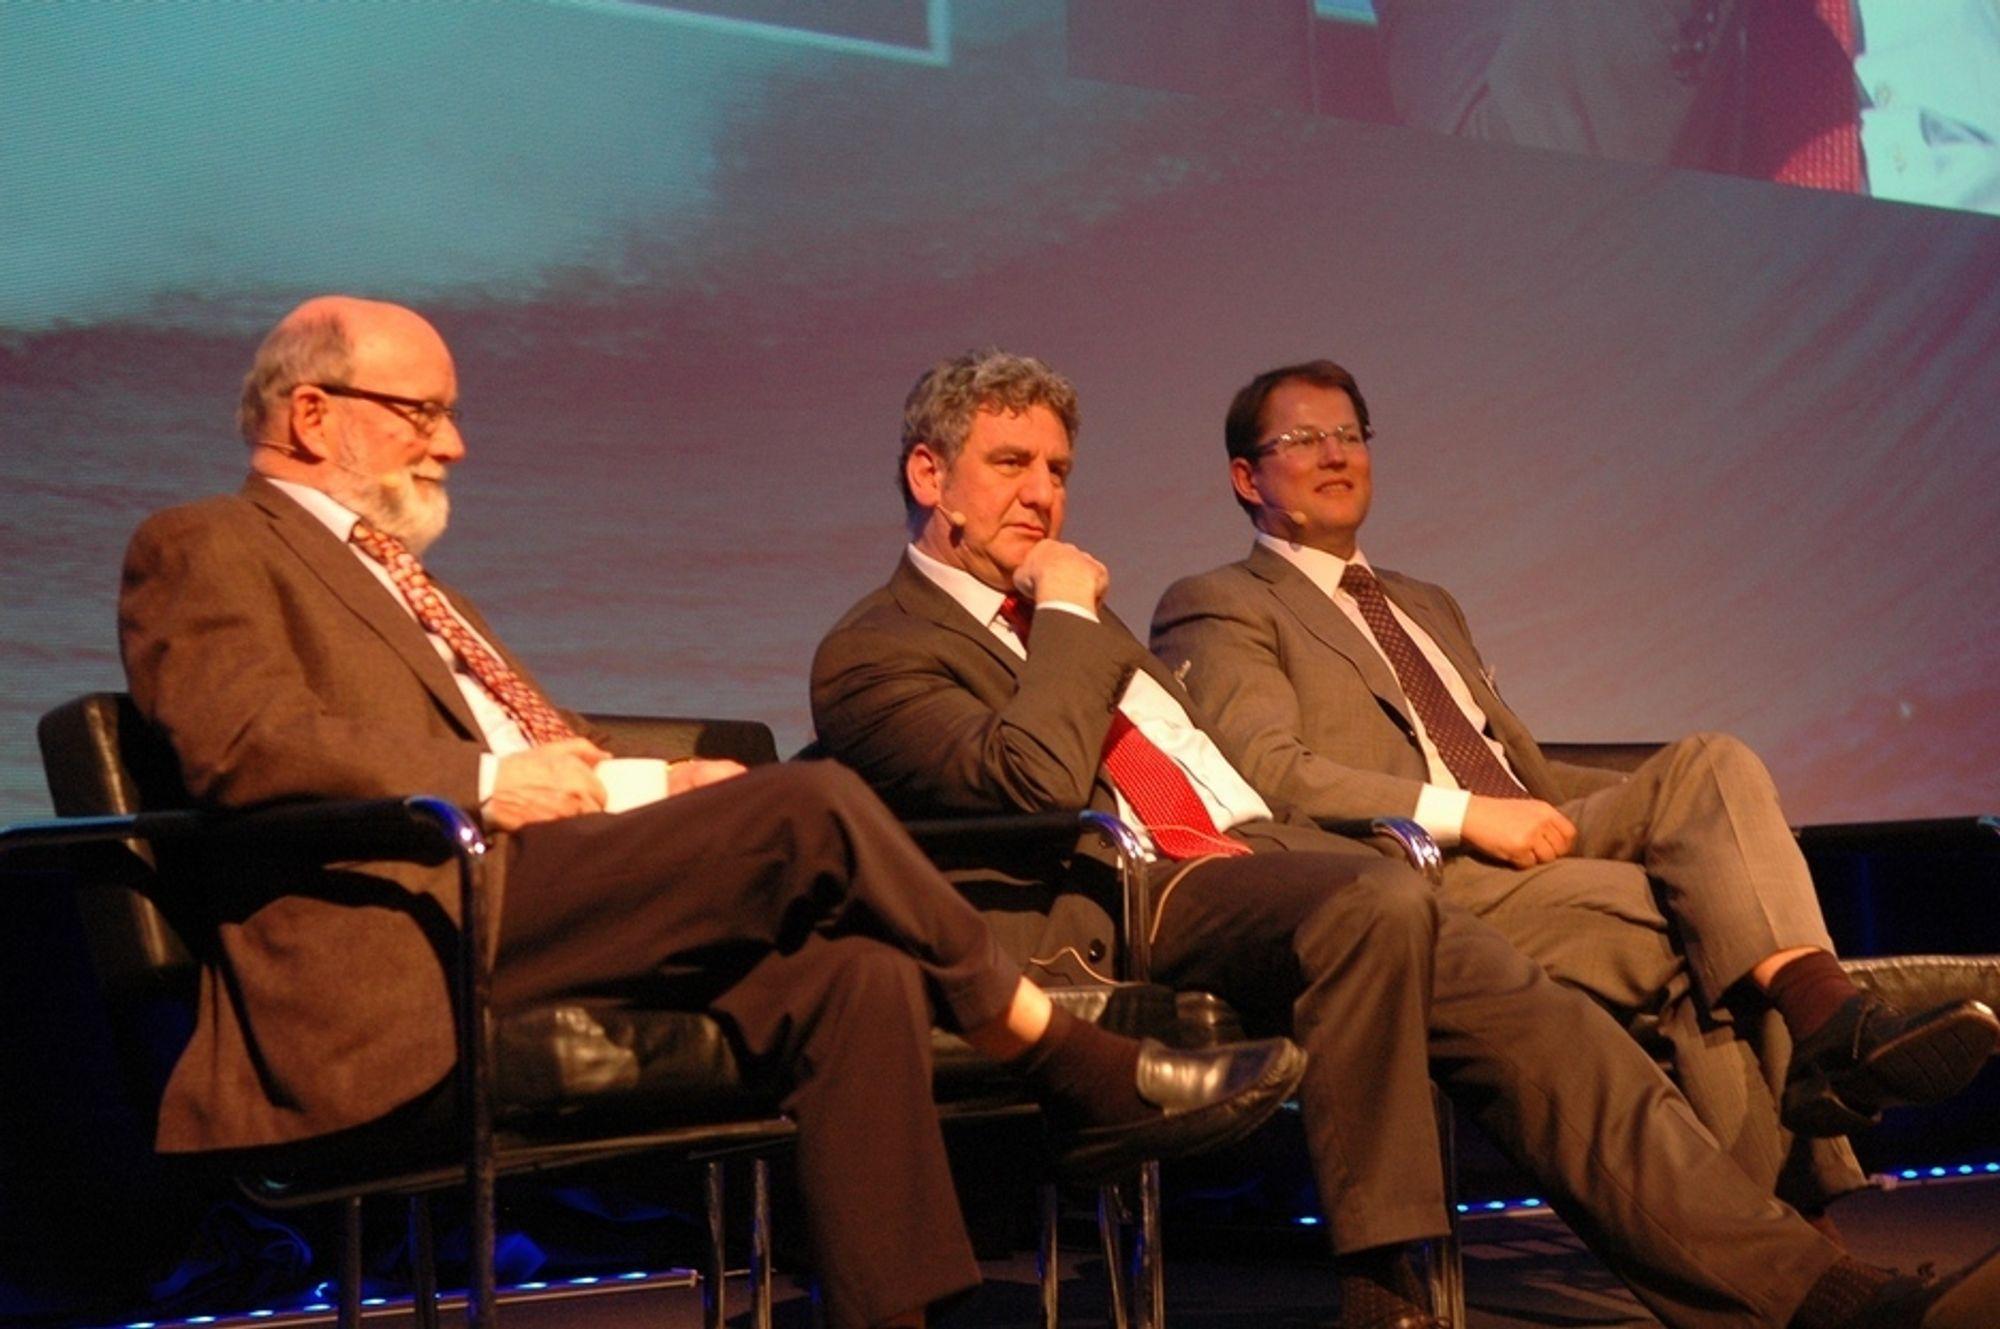 HØYTEKNOLOGI: - Norge er oljeindustriens Silicon Valley, sier Jørgen P. Rasmussen (i midten). Til venstre Willy Olsen, Intsok og til høyre, Geir Finsrud, Schlumberger